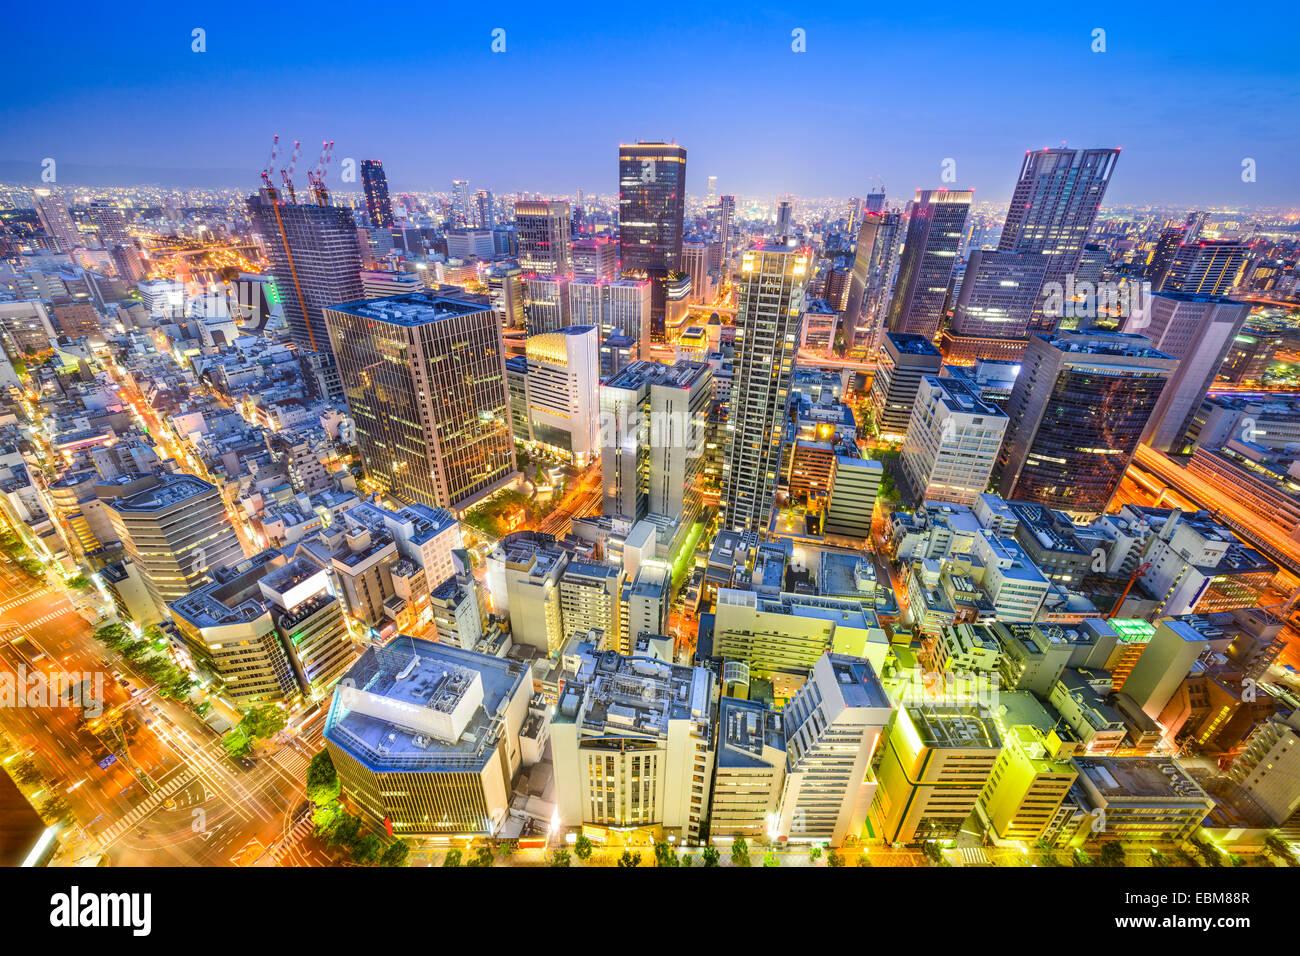 Osaka, Giappone cityscape vista aerea nel quartiere Umeda. Immagini Stock